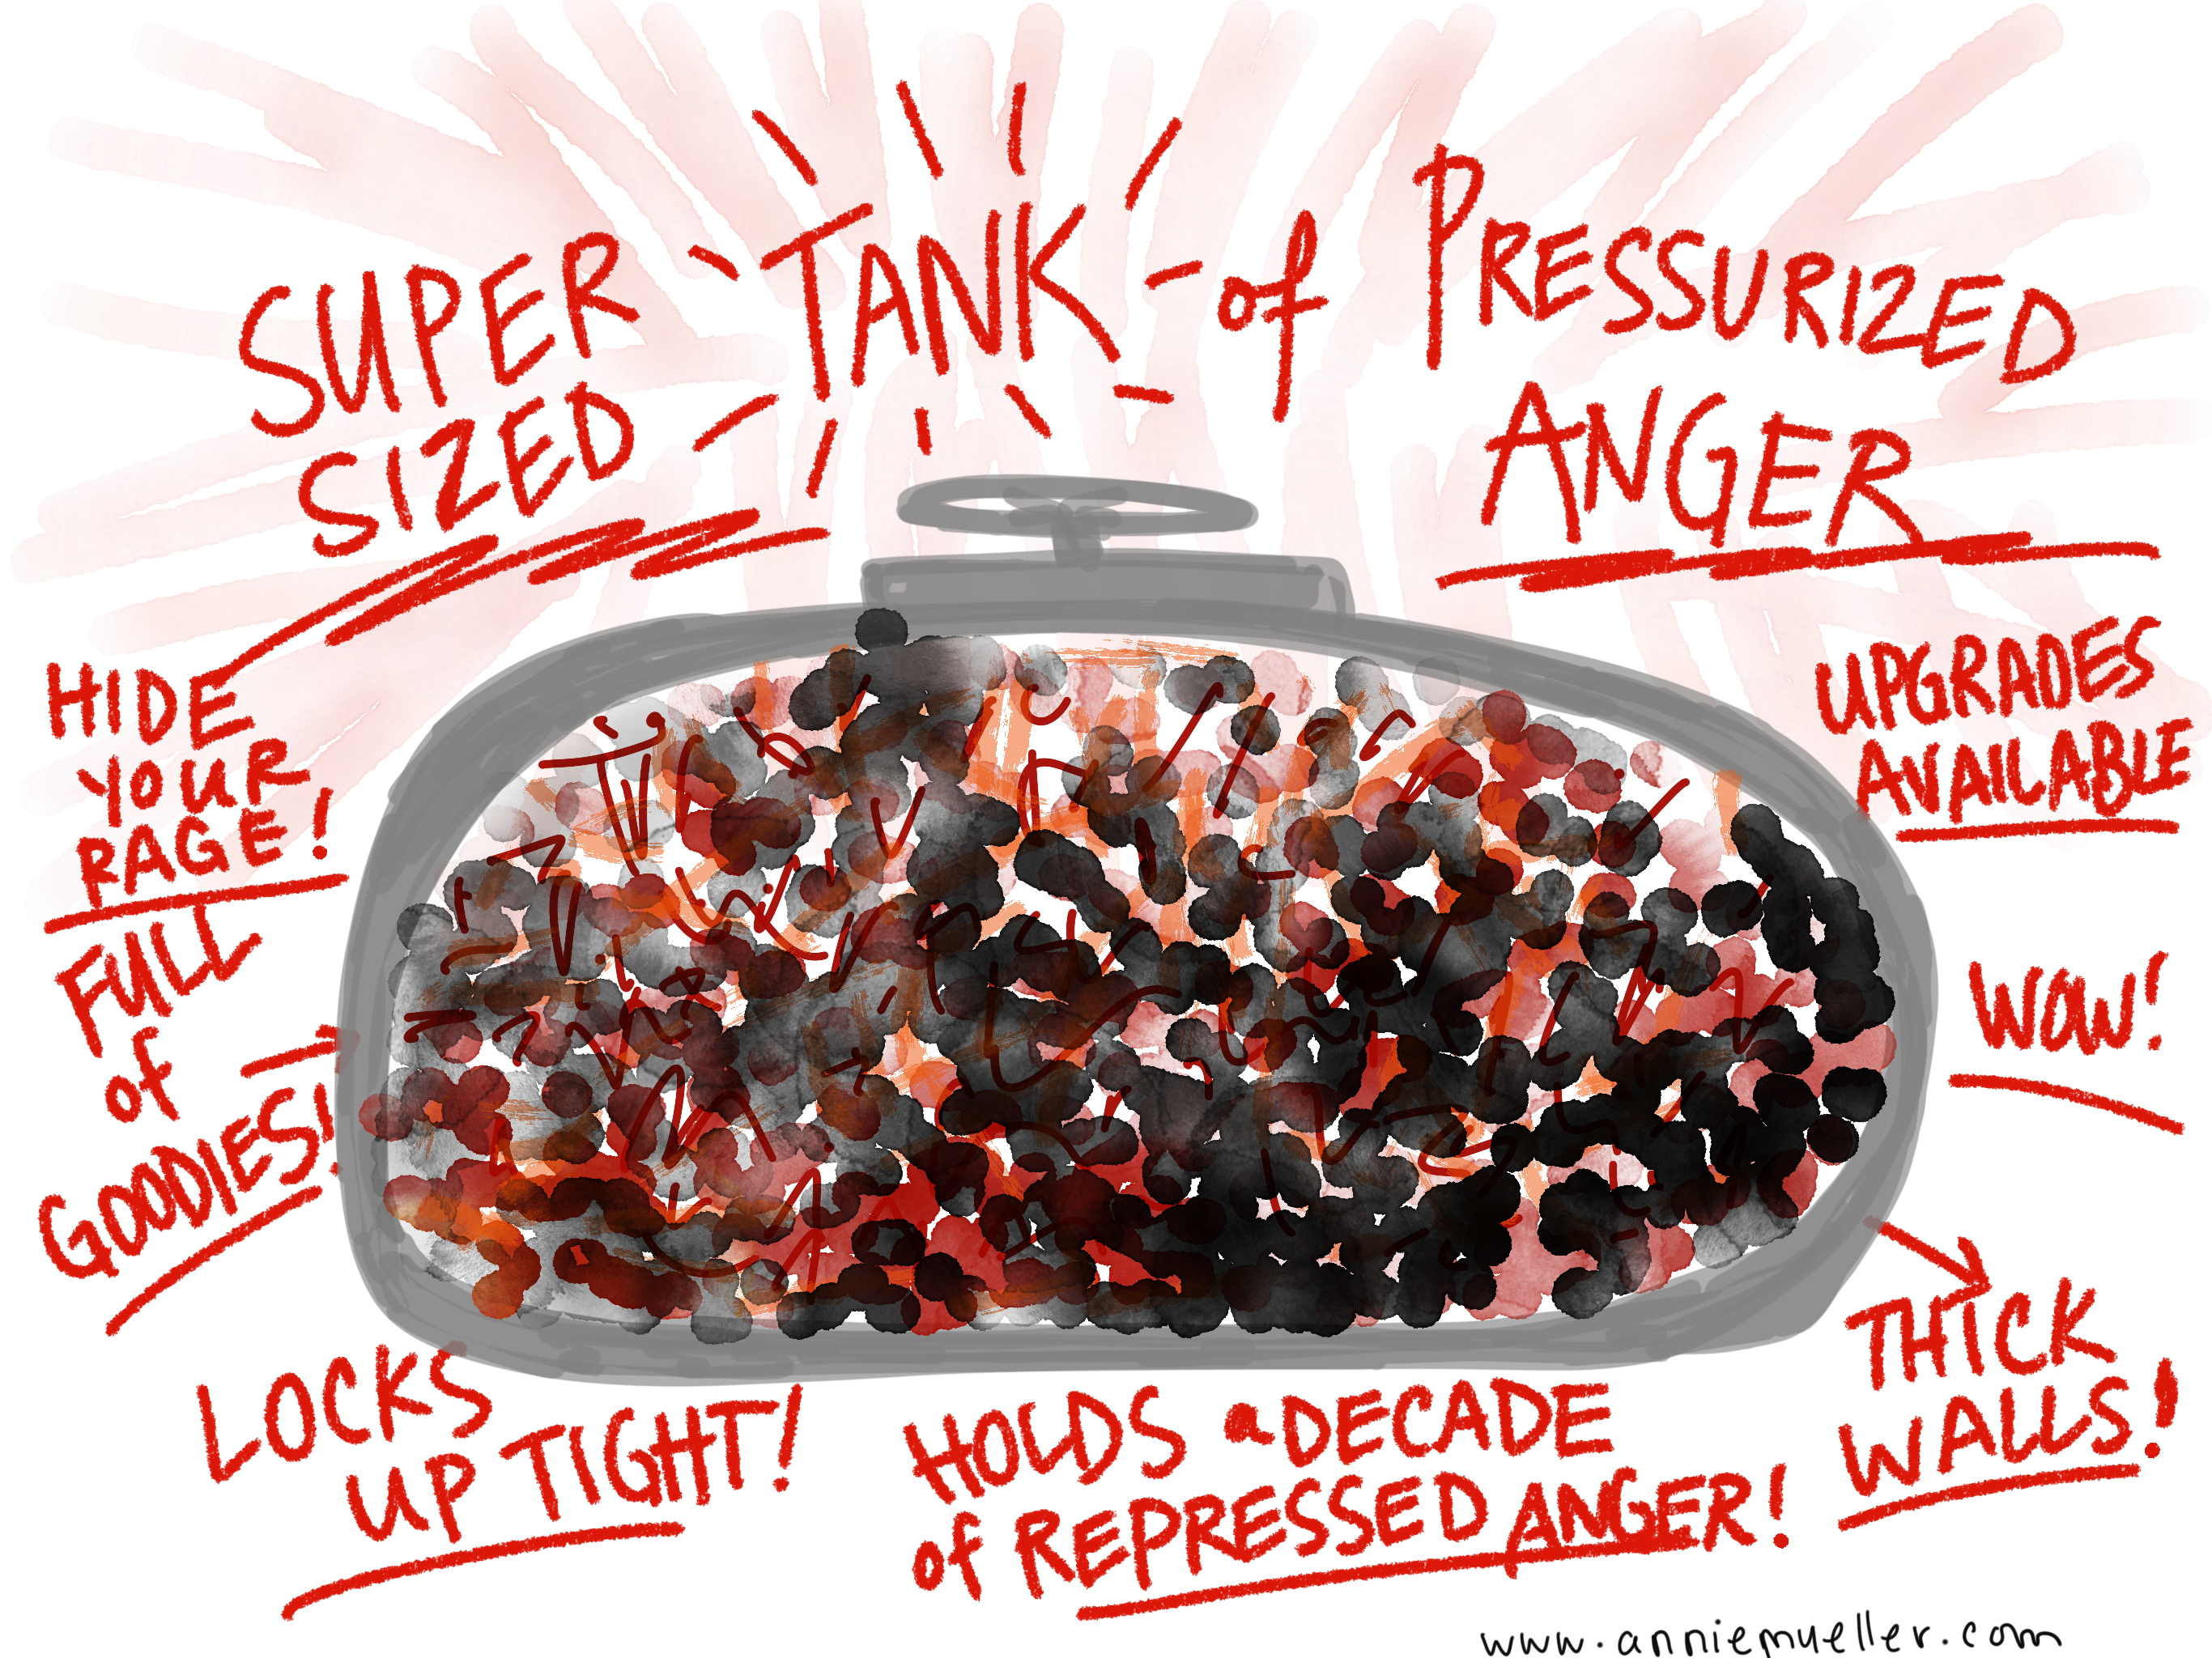 Pressurized Anger